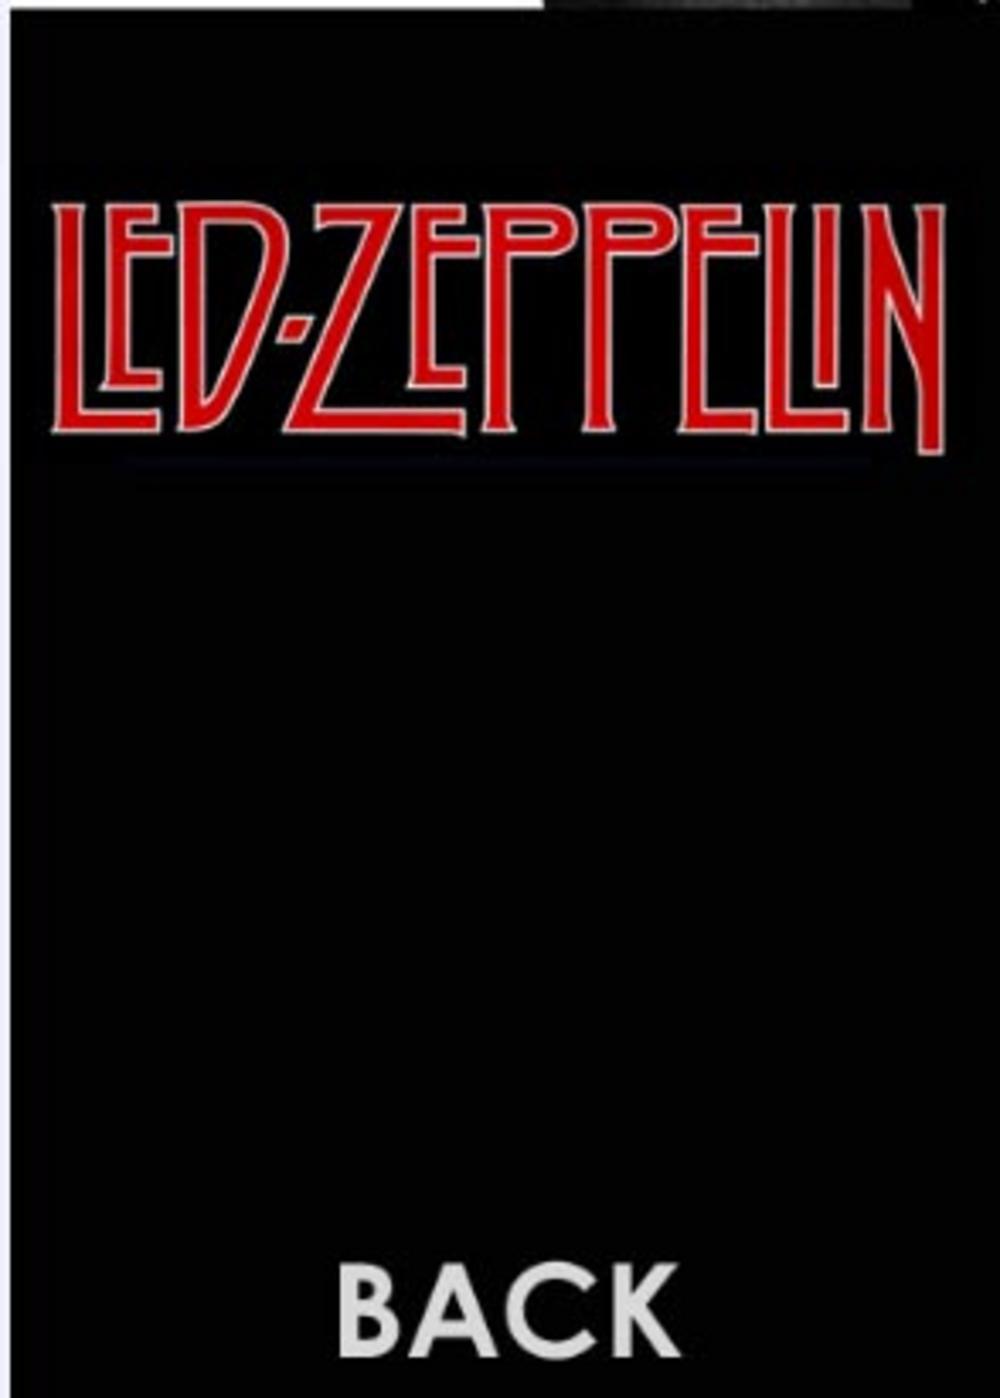 Led Band Led Zeppelin Band Symbols